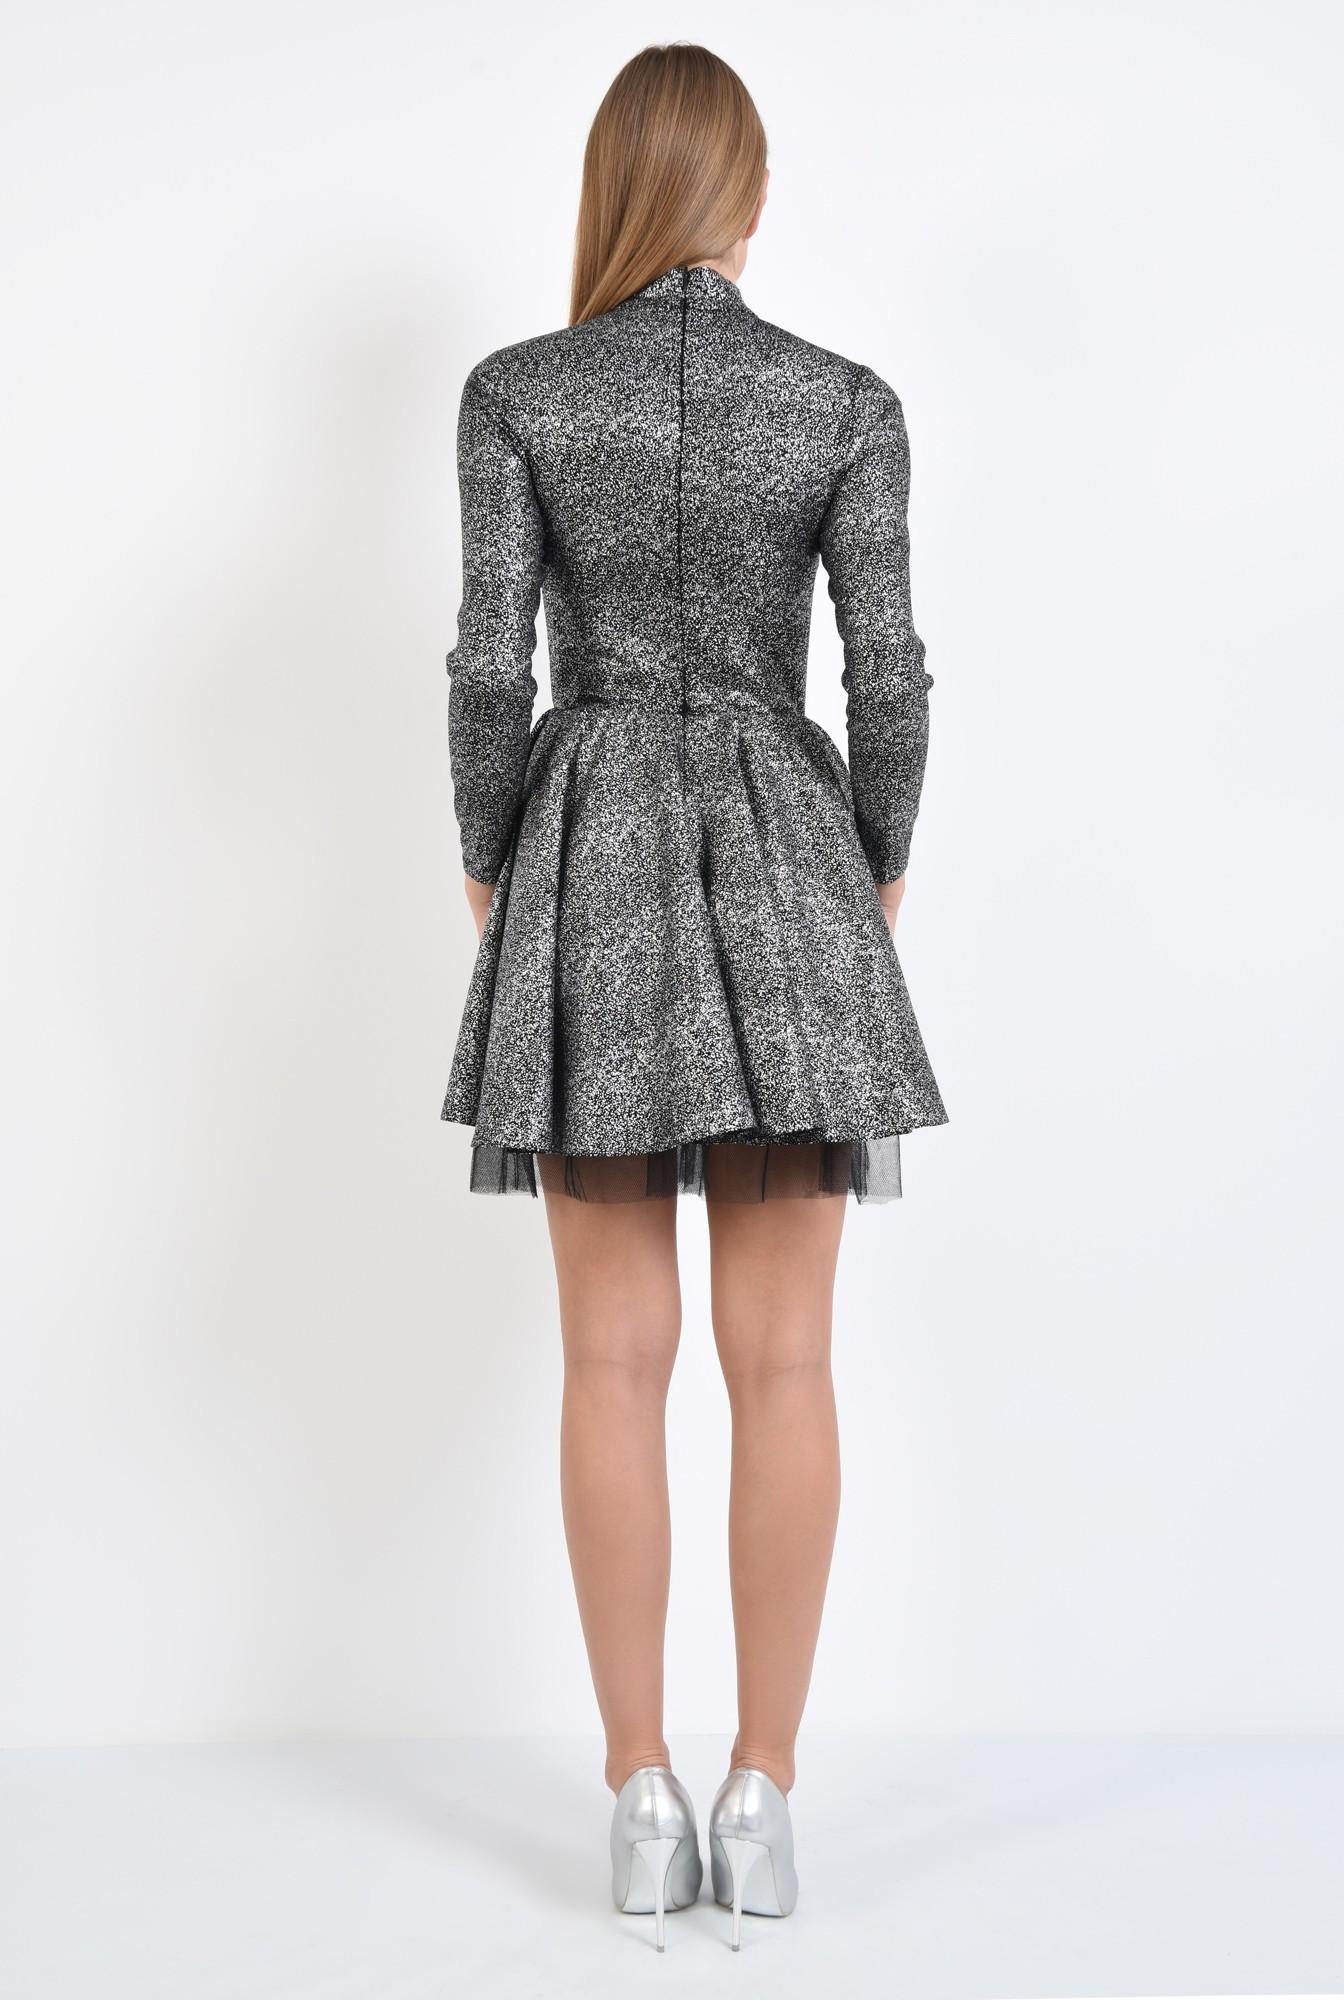 1 - rochie de ocazie, picouri argintii metalizat, croi clos cu pliseuri late